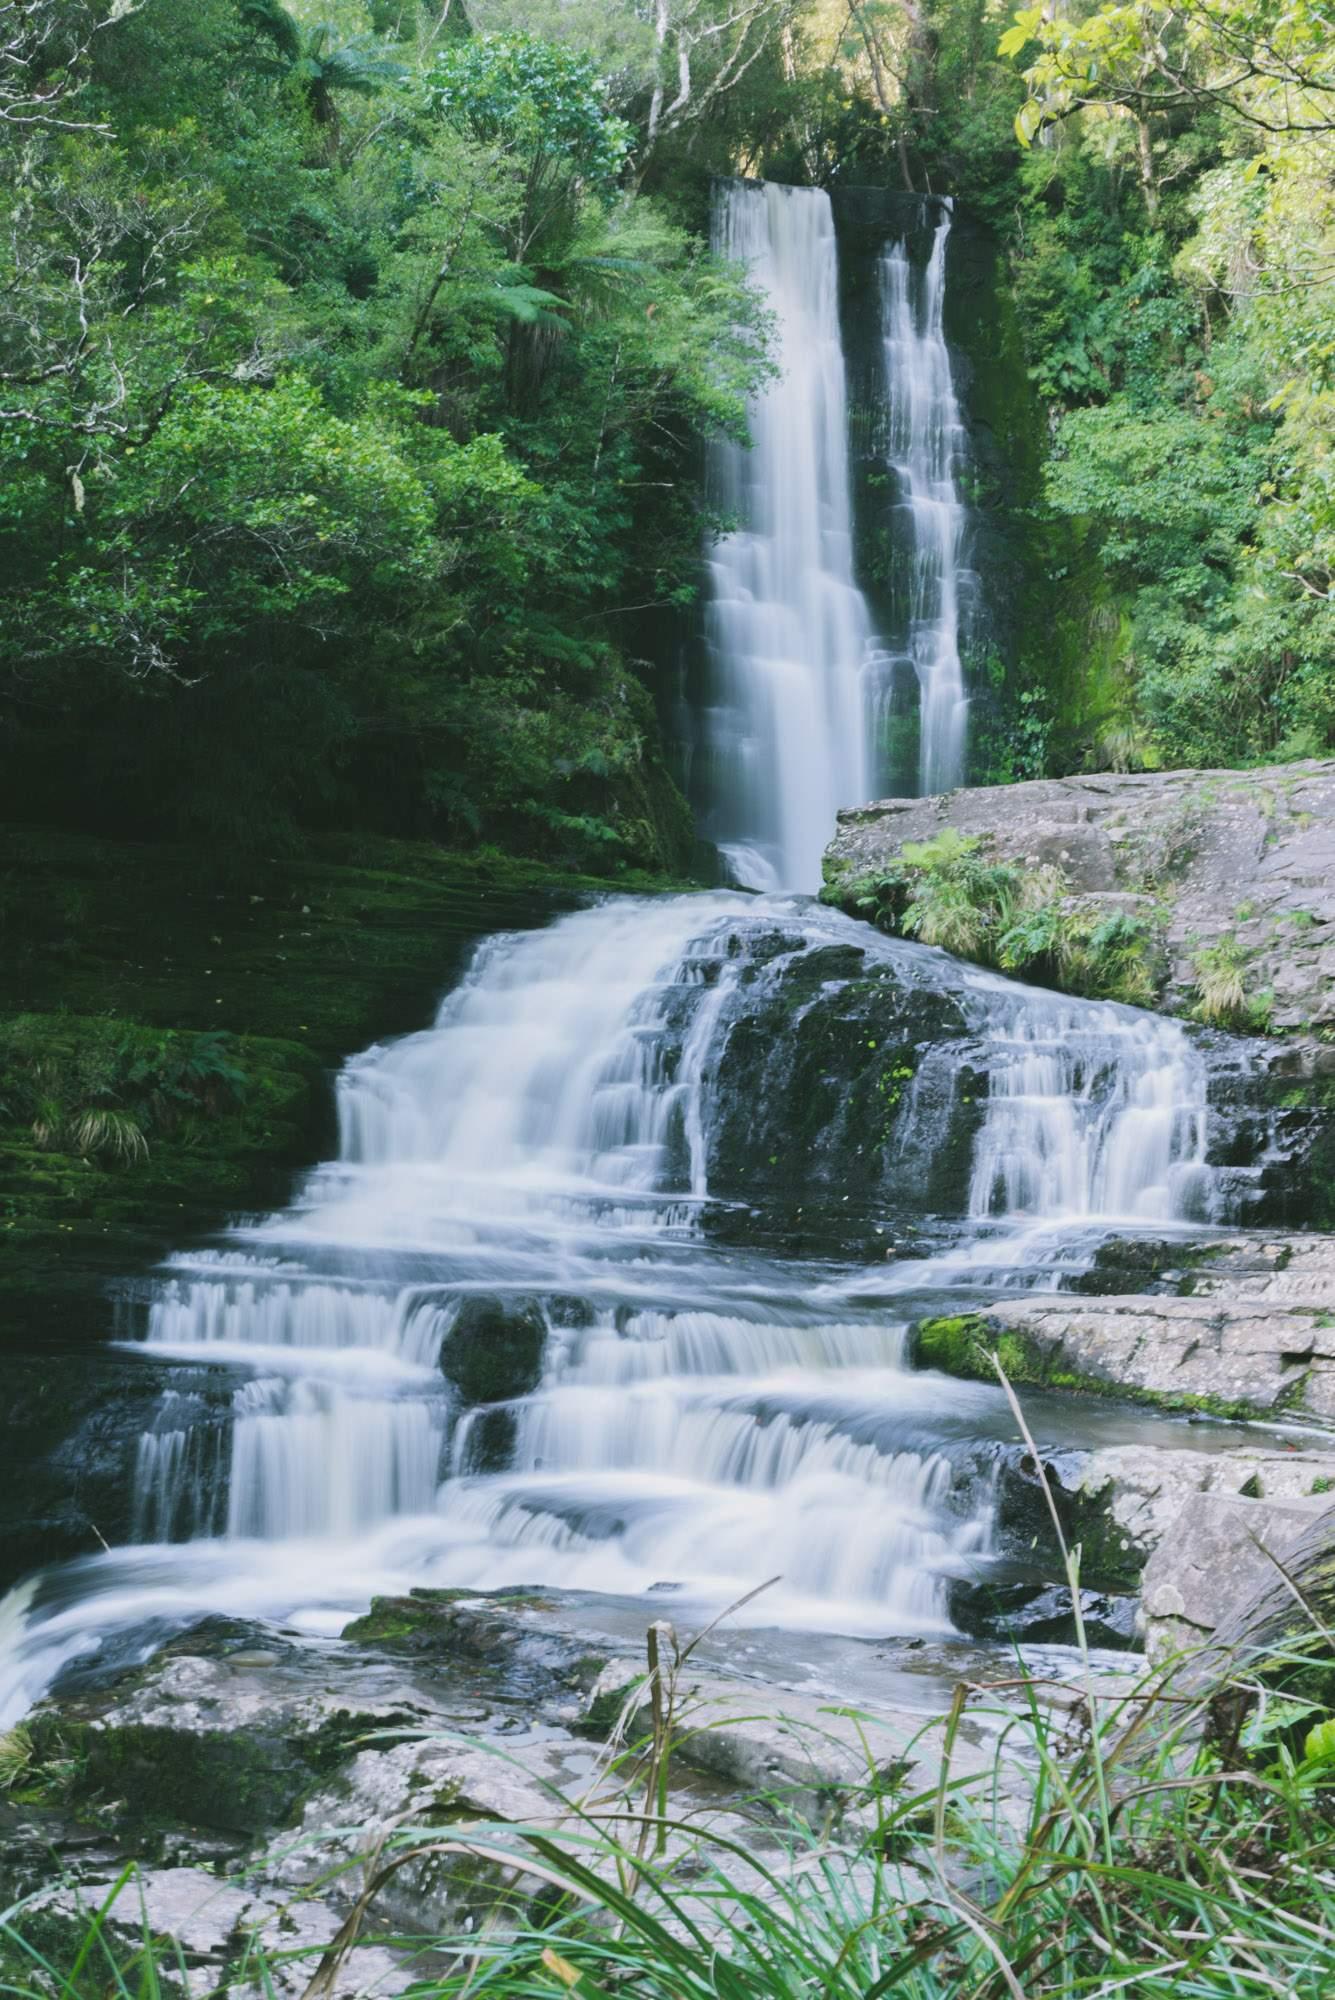 Mclean Falls, New Zealand